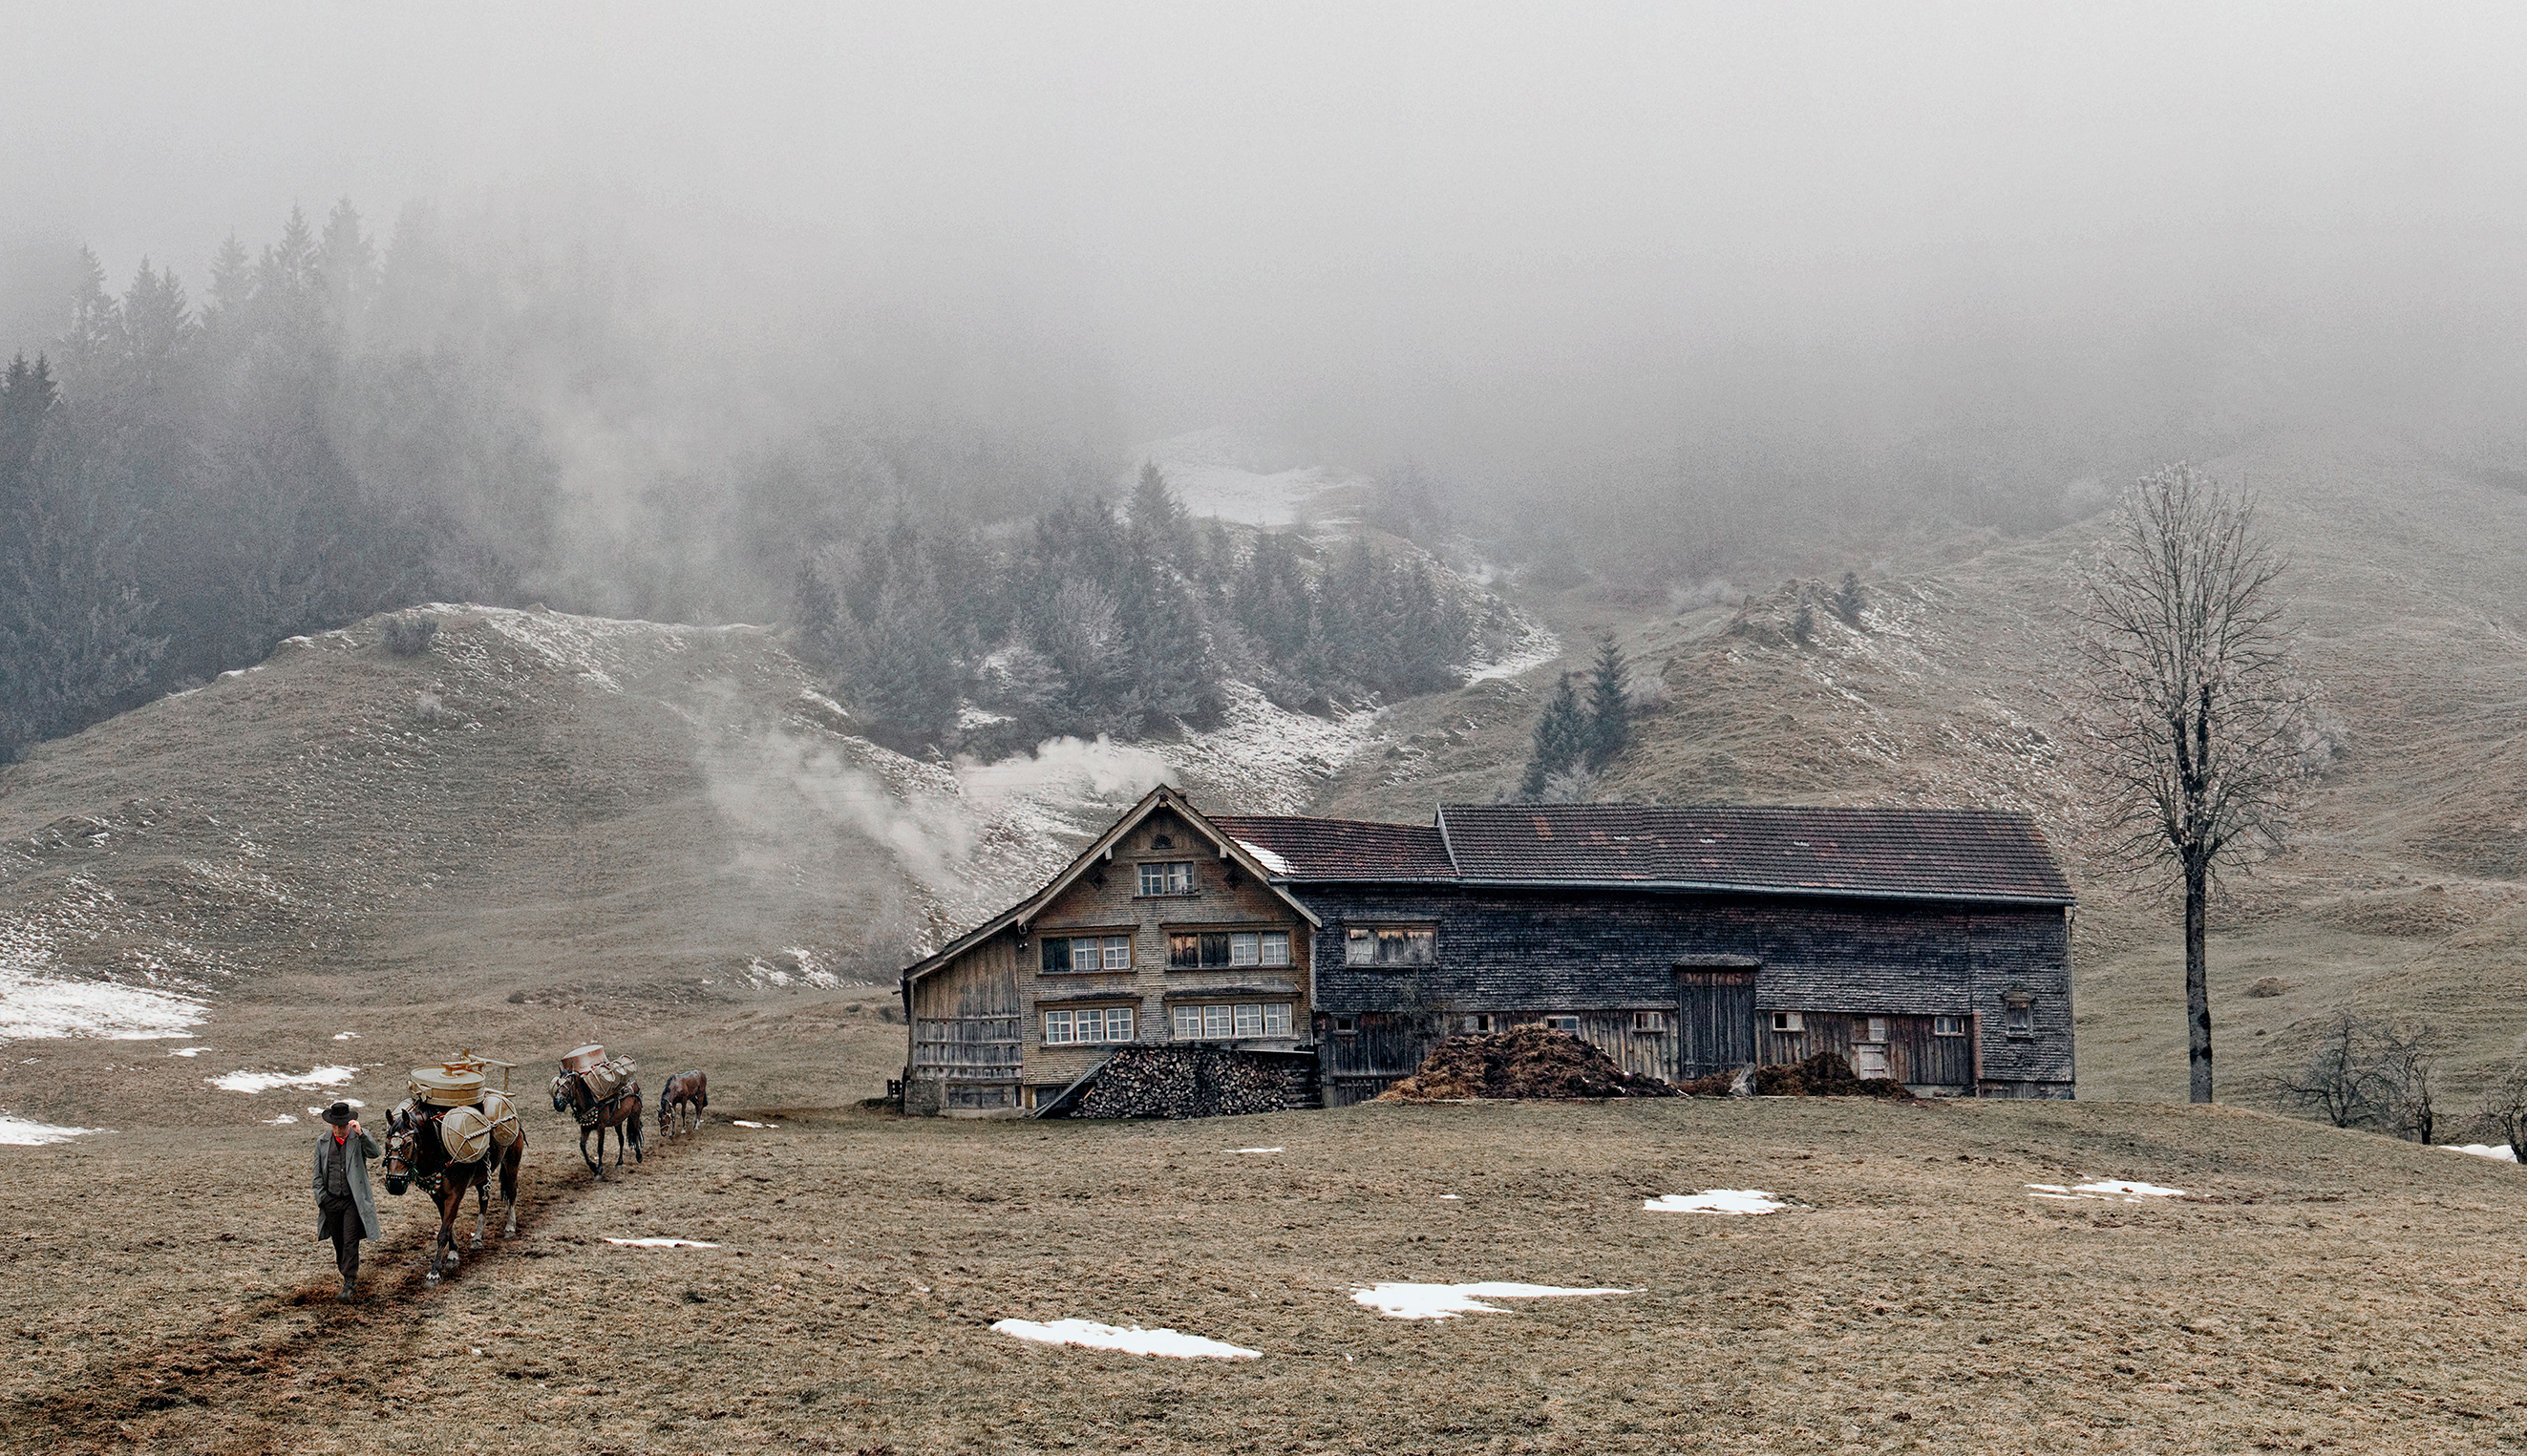 Landschaft_mit-_Saumpferden-kurz